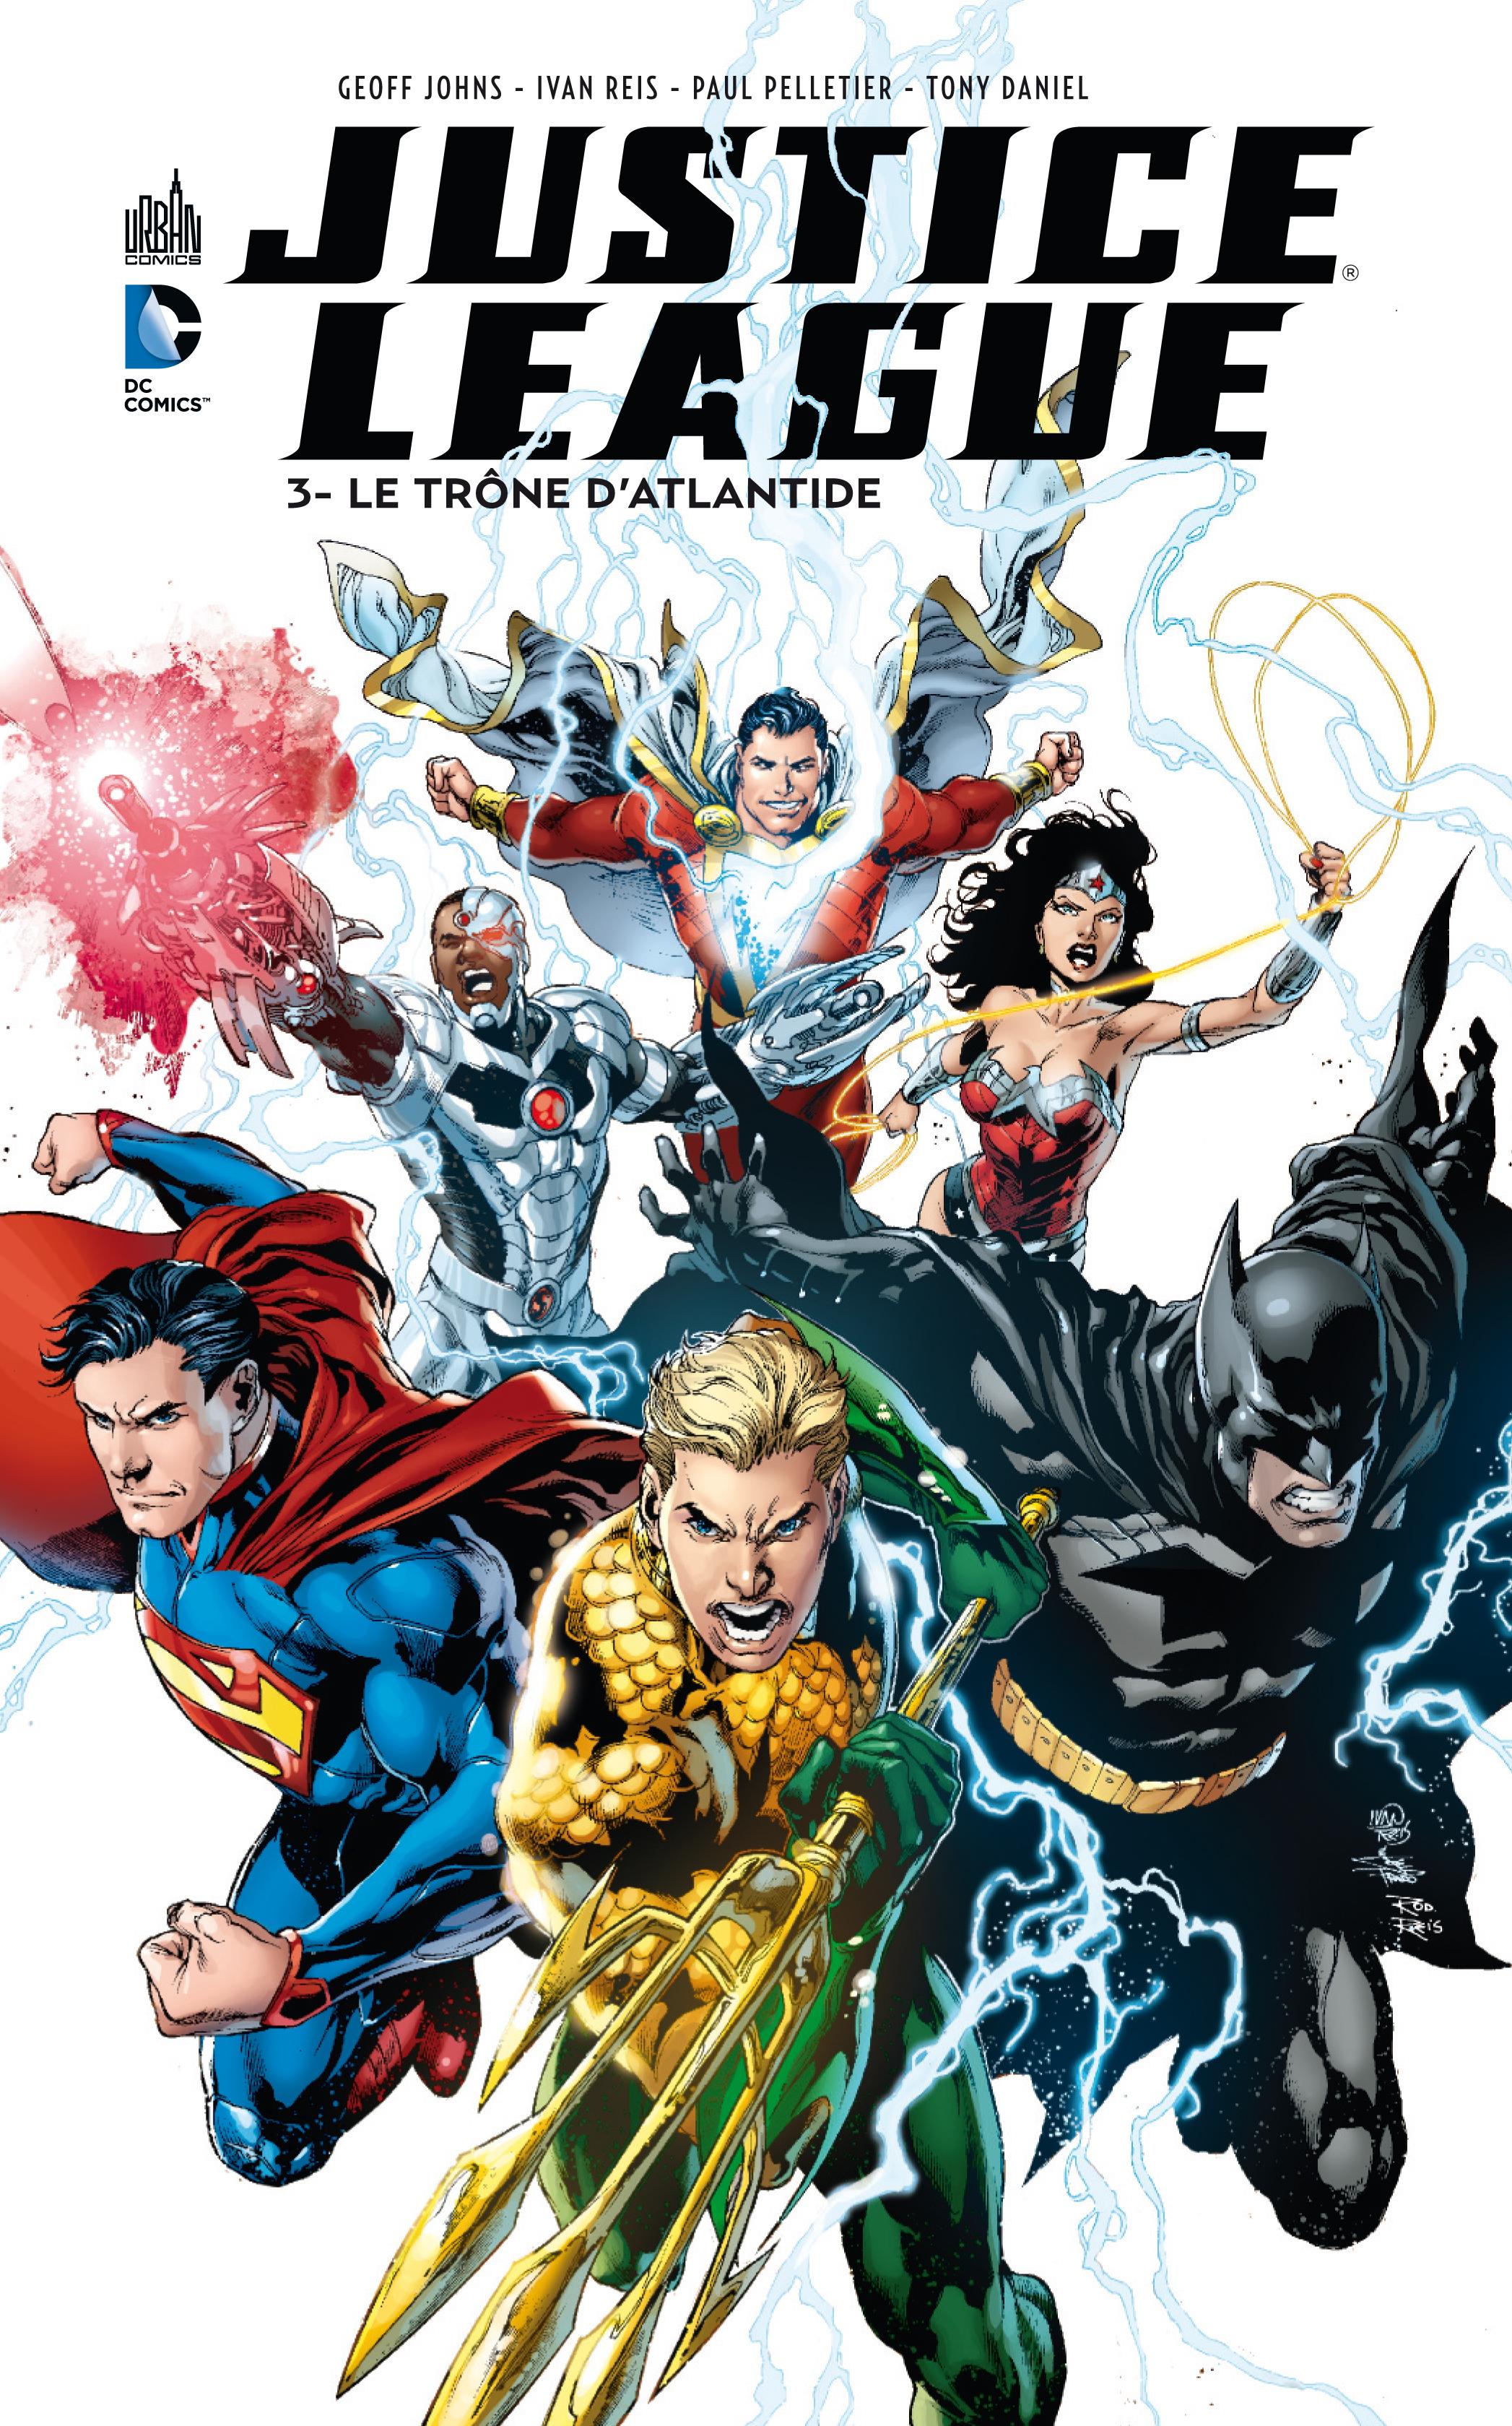 Justice League 3 - Le trône d'Atlantide